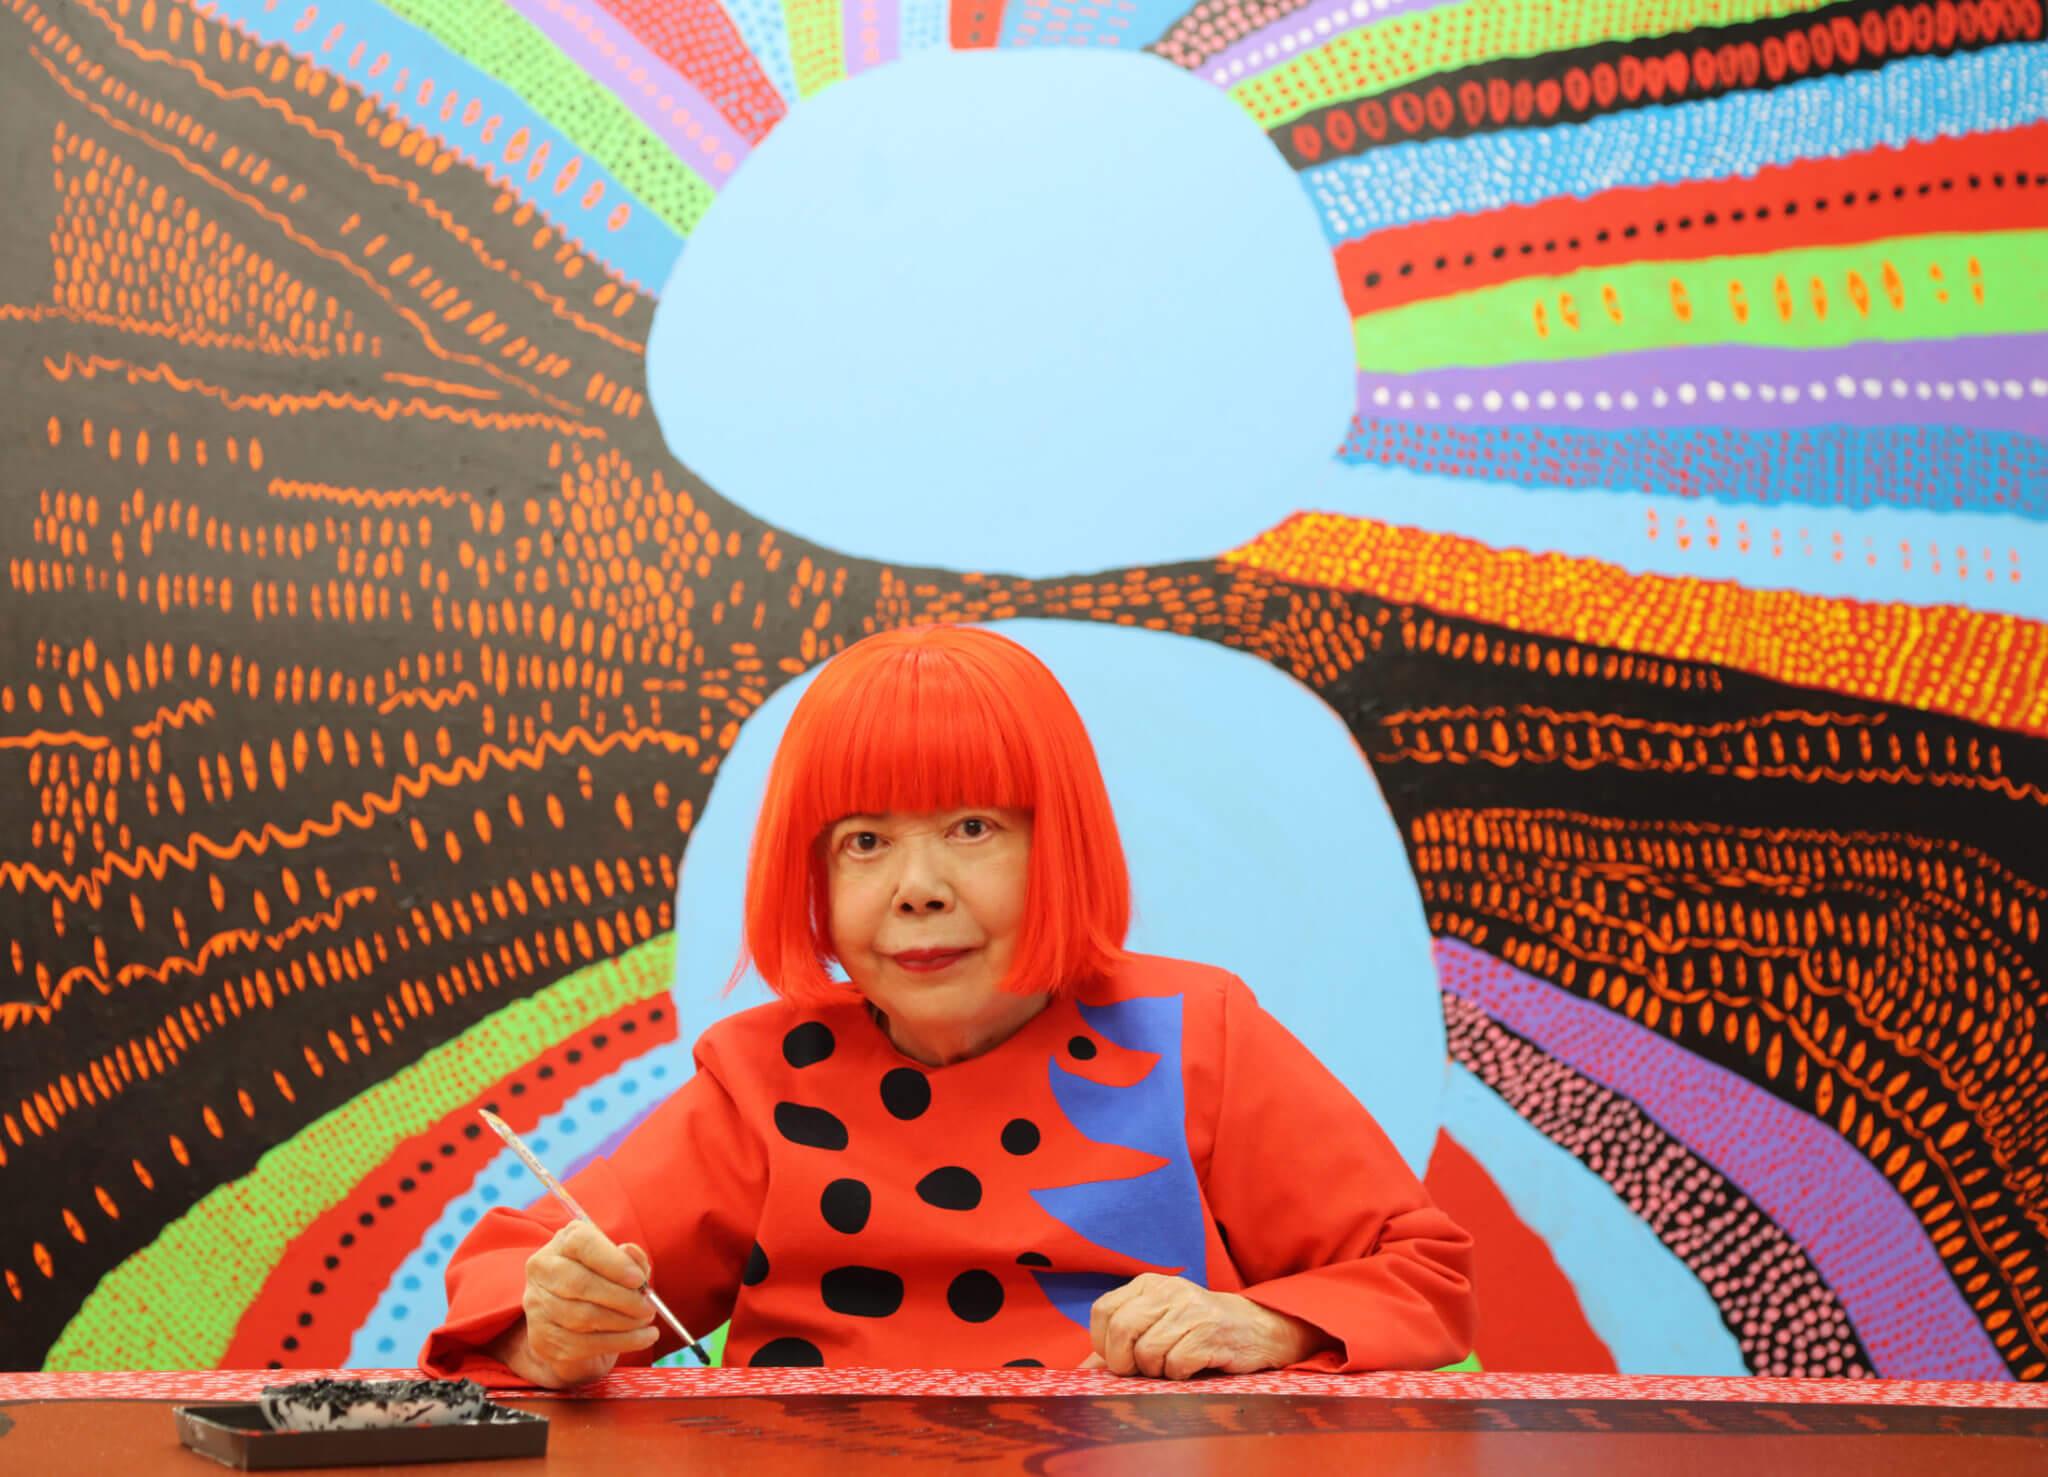 Yayoi Kusama nos da 5 lecciones sobre la vida, el arte y la salud mental